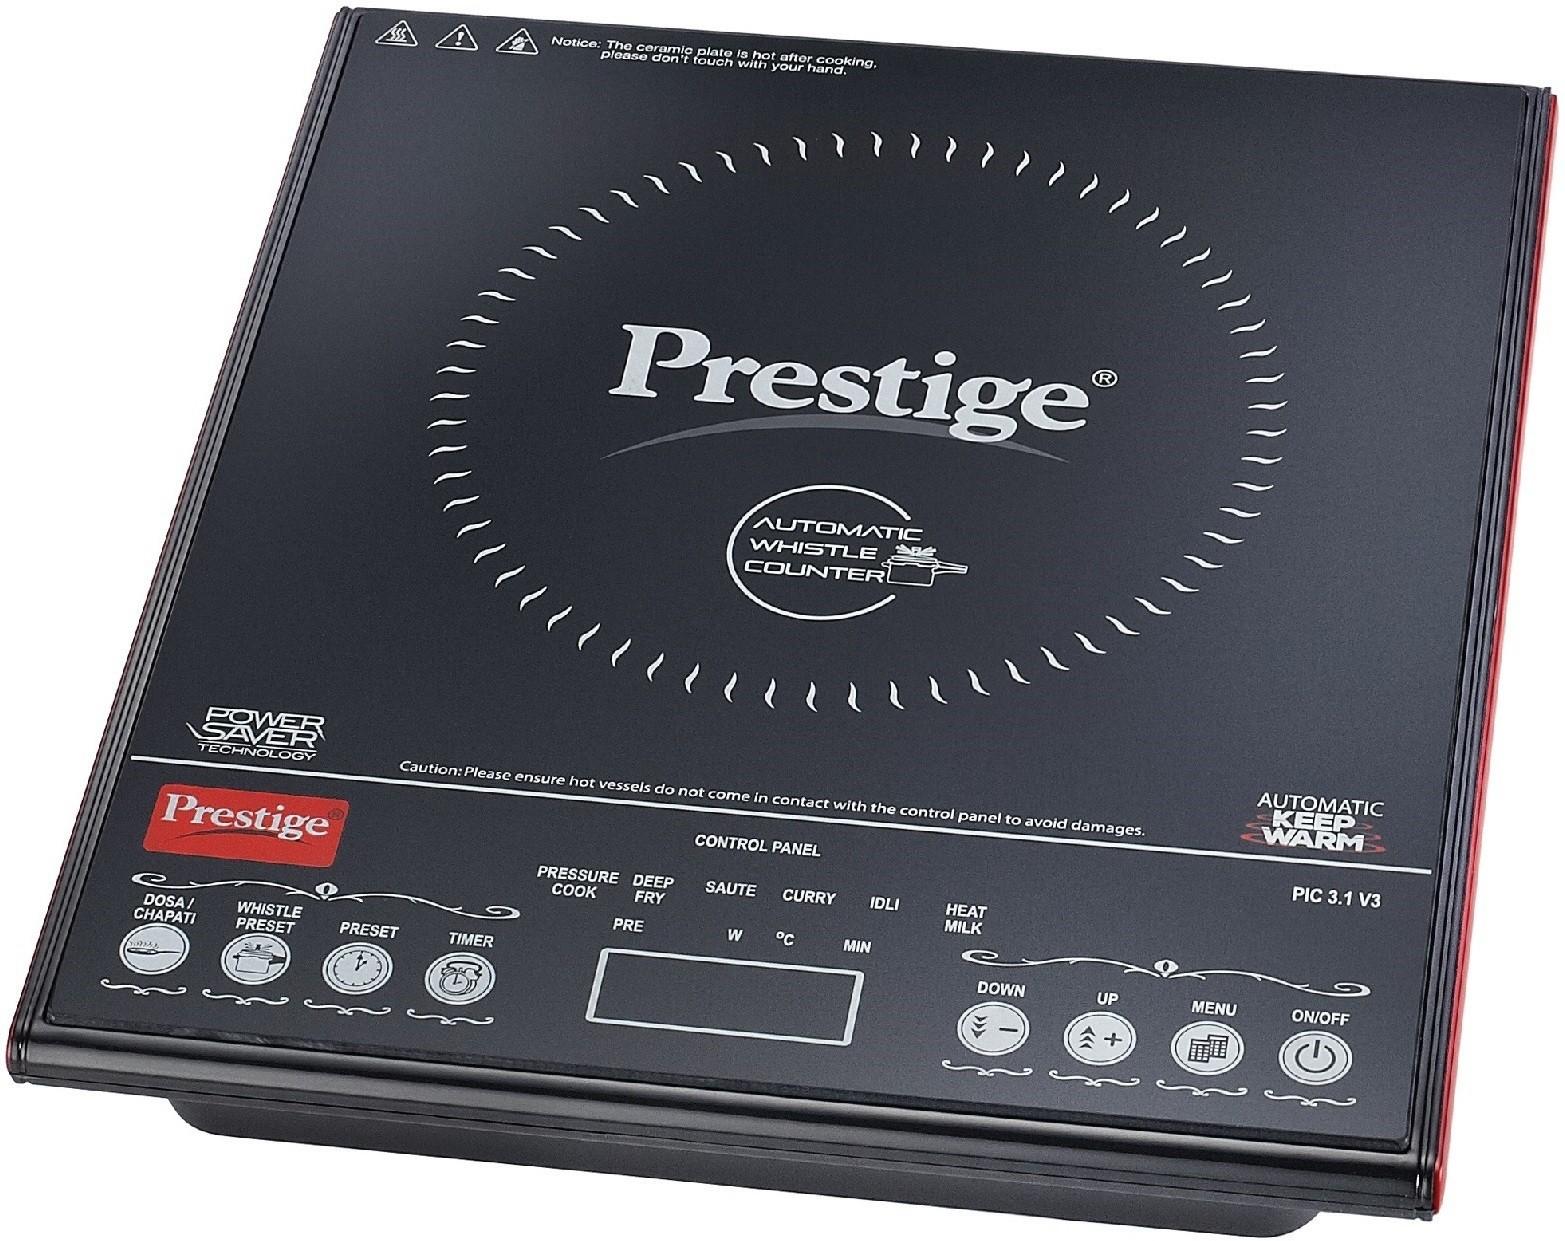 Deals - Hyderabad - Induction Cooktops <br> Prestige<br> Category - home_kitchen<br> Business - Flipkart.com